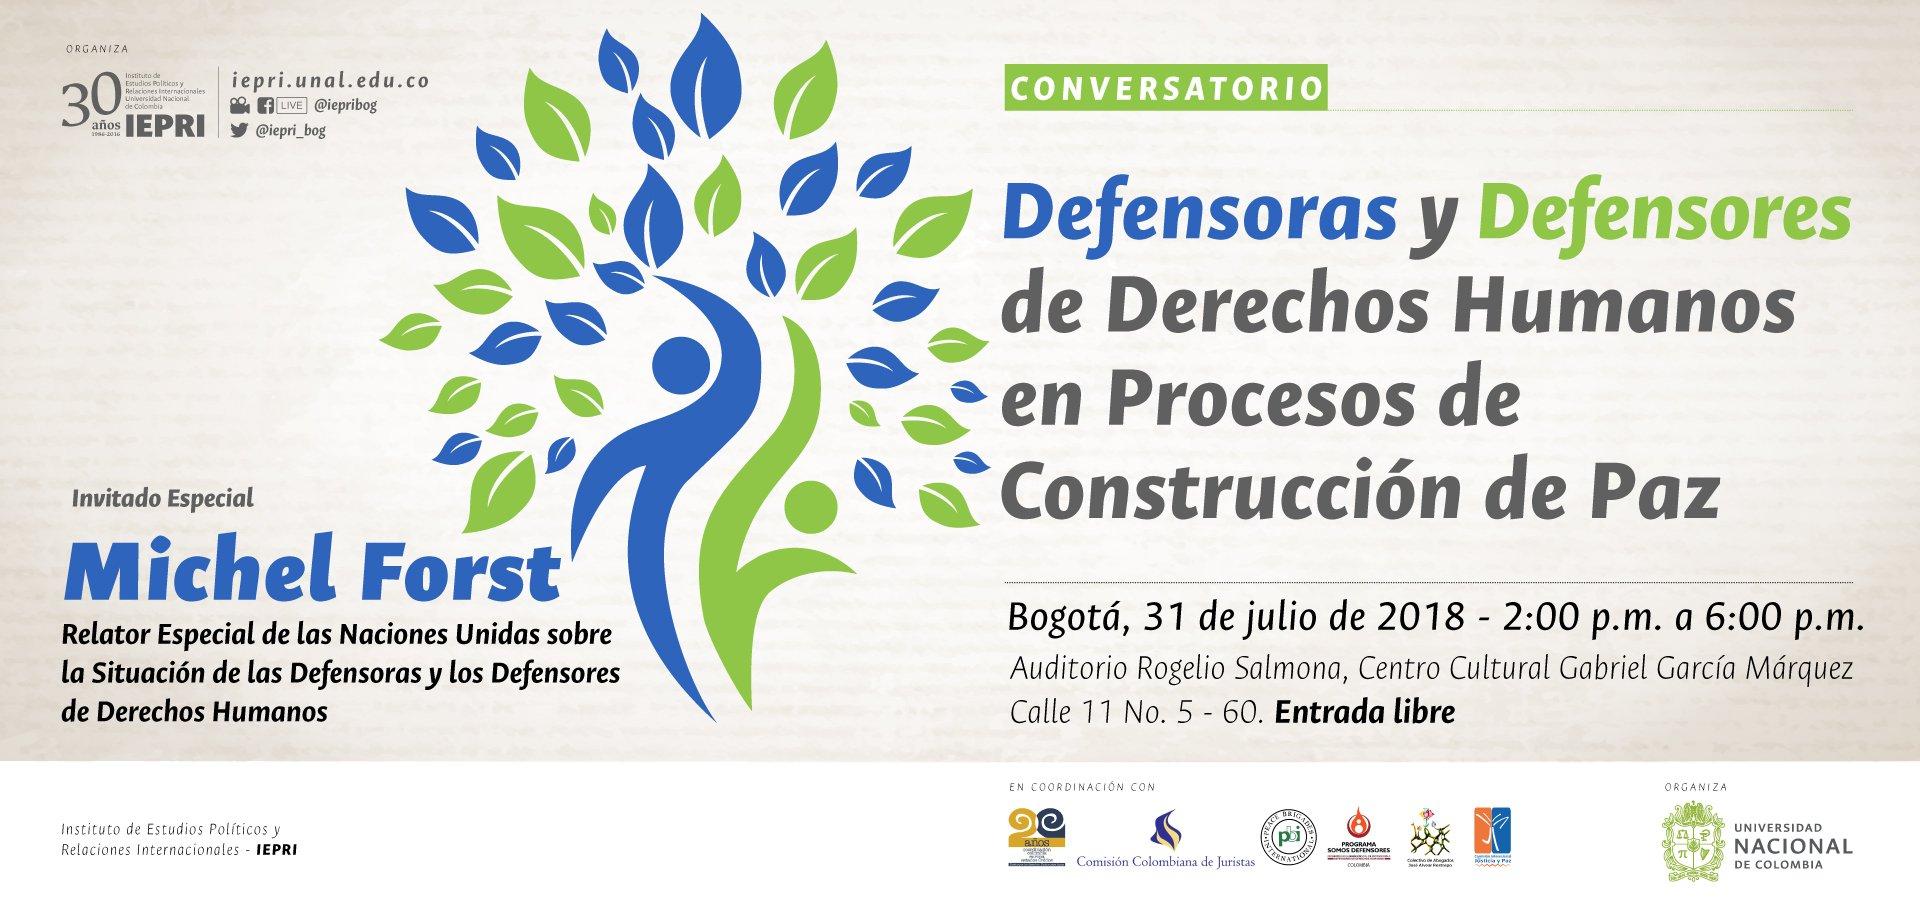 Conversatorio «Defensoras y Defensores de Derechos               Humanos en Procesos de Construcción de Paz»